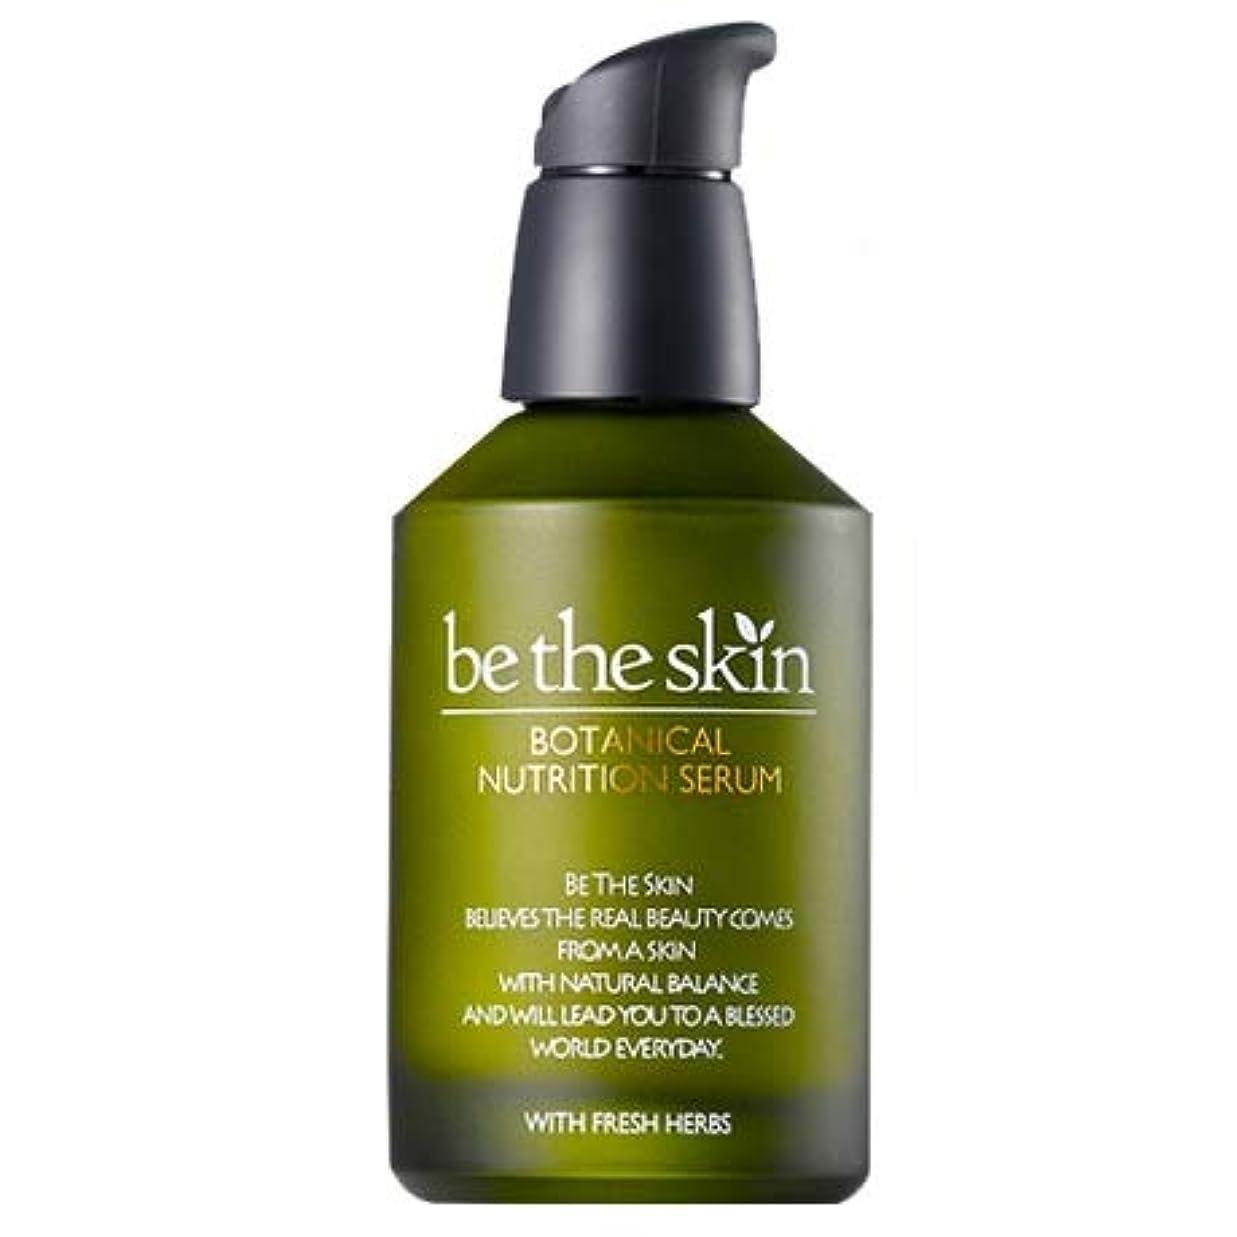 言語学社説有力者be the skin ボタニカル ニュートリション セラム / Botanical Nutrition Serum (50ml) [並行輸入品]